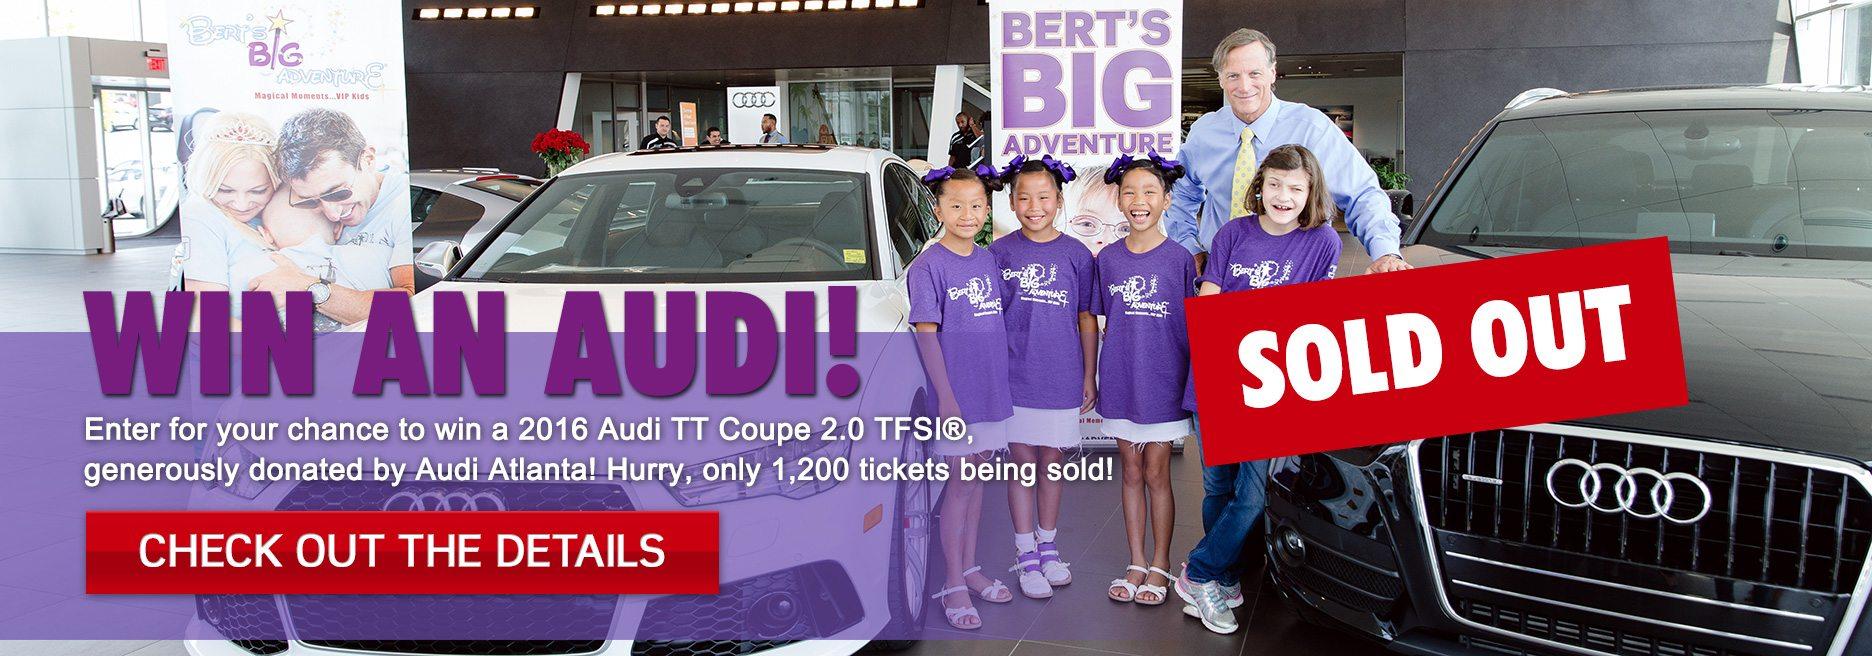 Win An Audi - Audi atlanta